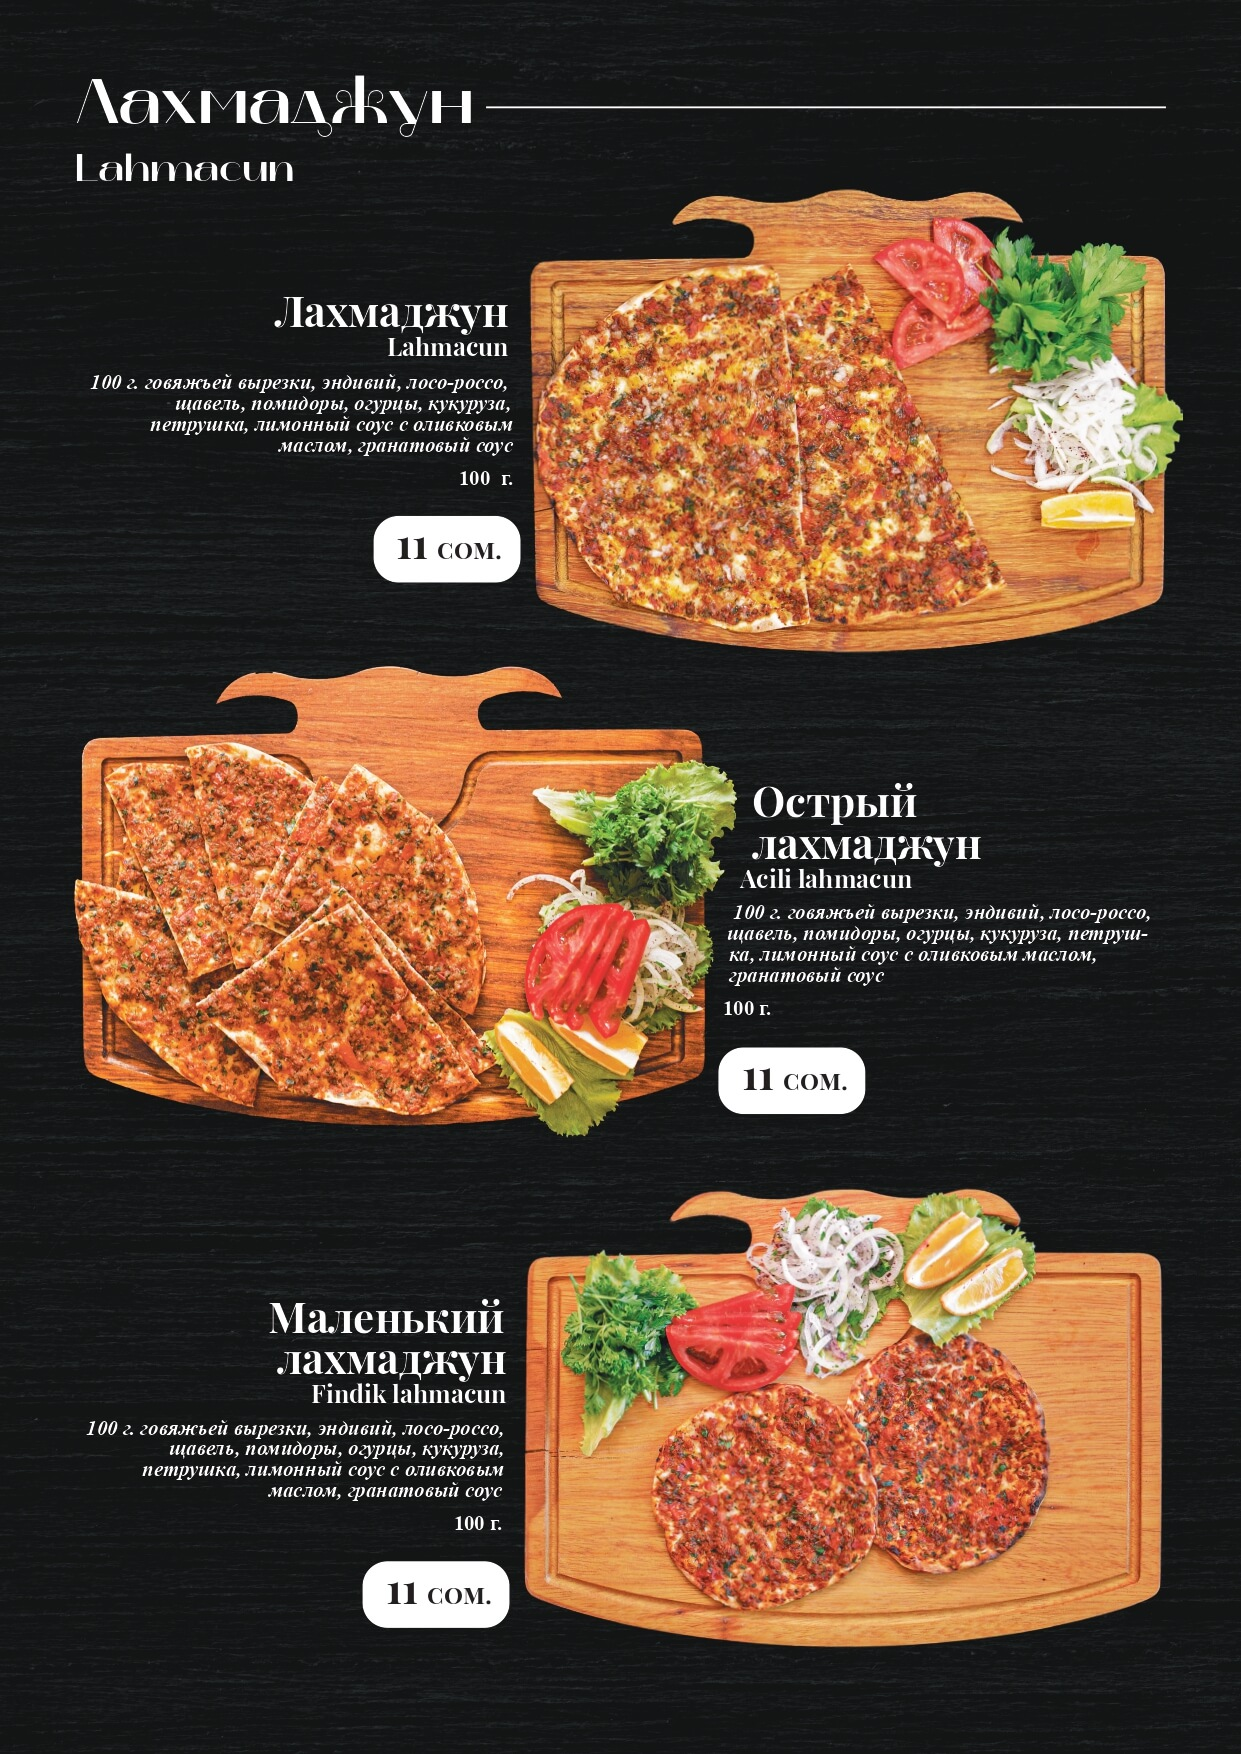 Assado_menu_page-0015